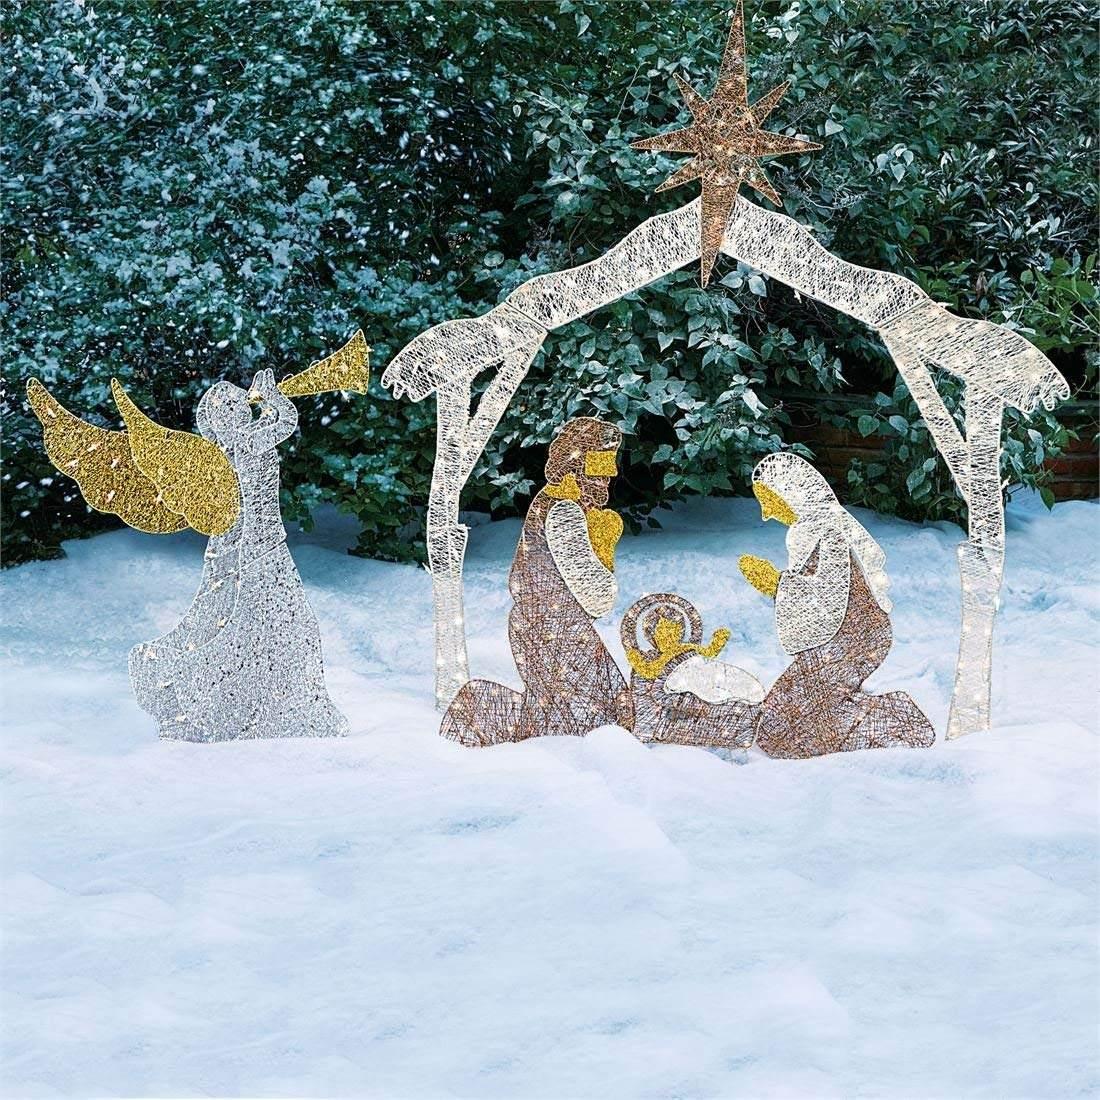 494df3b6a7c adornos navidad nacimiento grande iluminado decoracion exter. Cargando zoom...  navidad nacimiento decoracion. Cargando zoom.